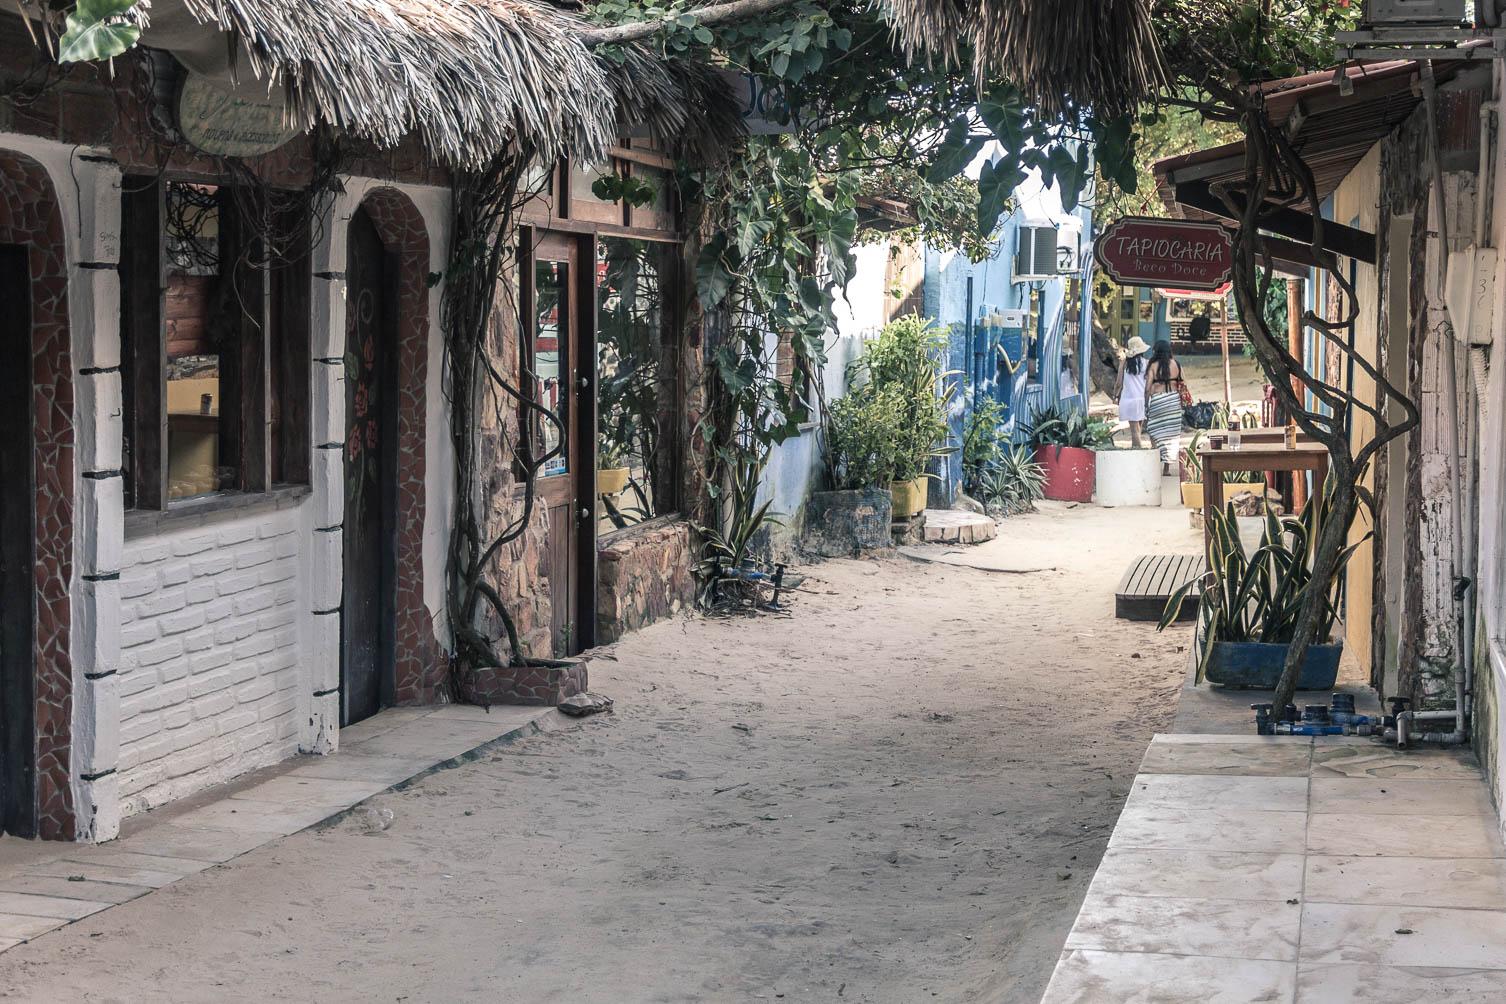 Une petite rue du village de Jericoacoara - Route des Sensations